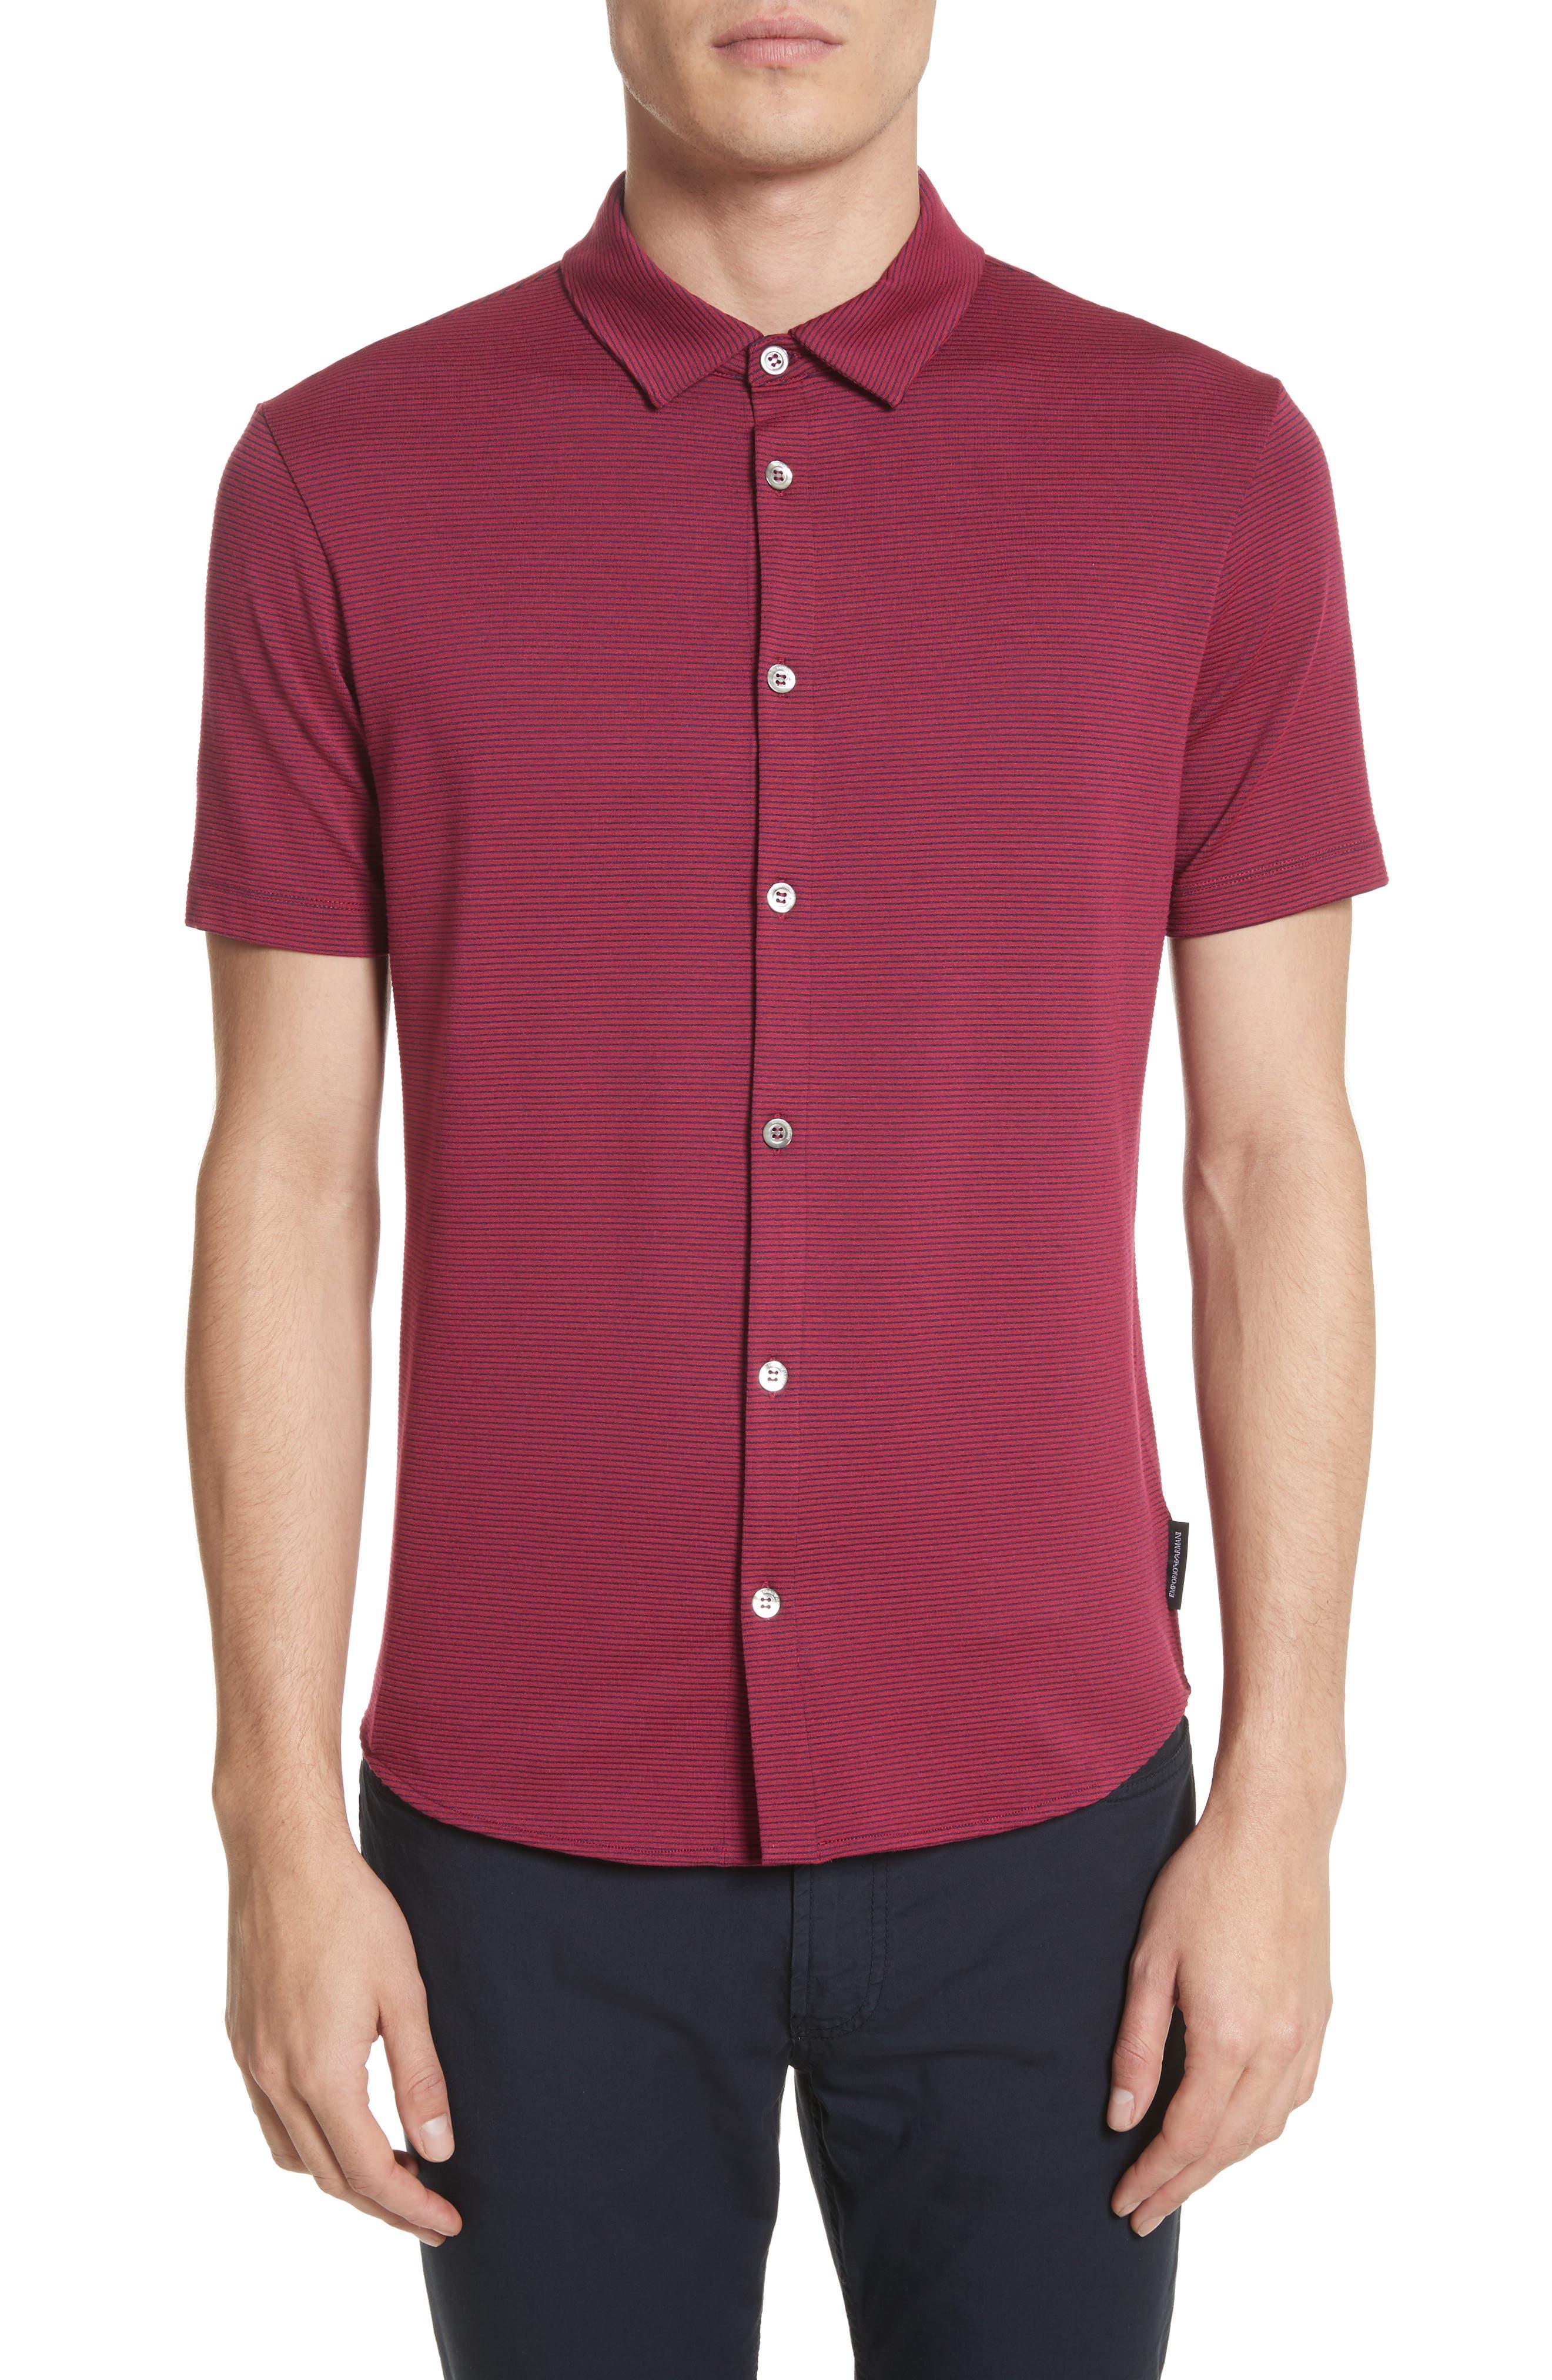 Emporio Armani Slim Fit Knit Shirt